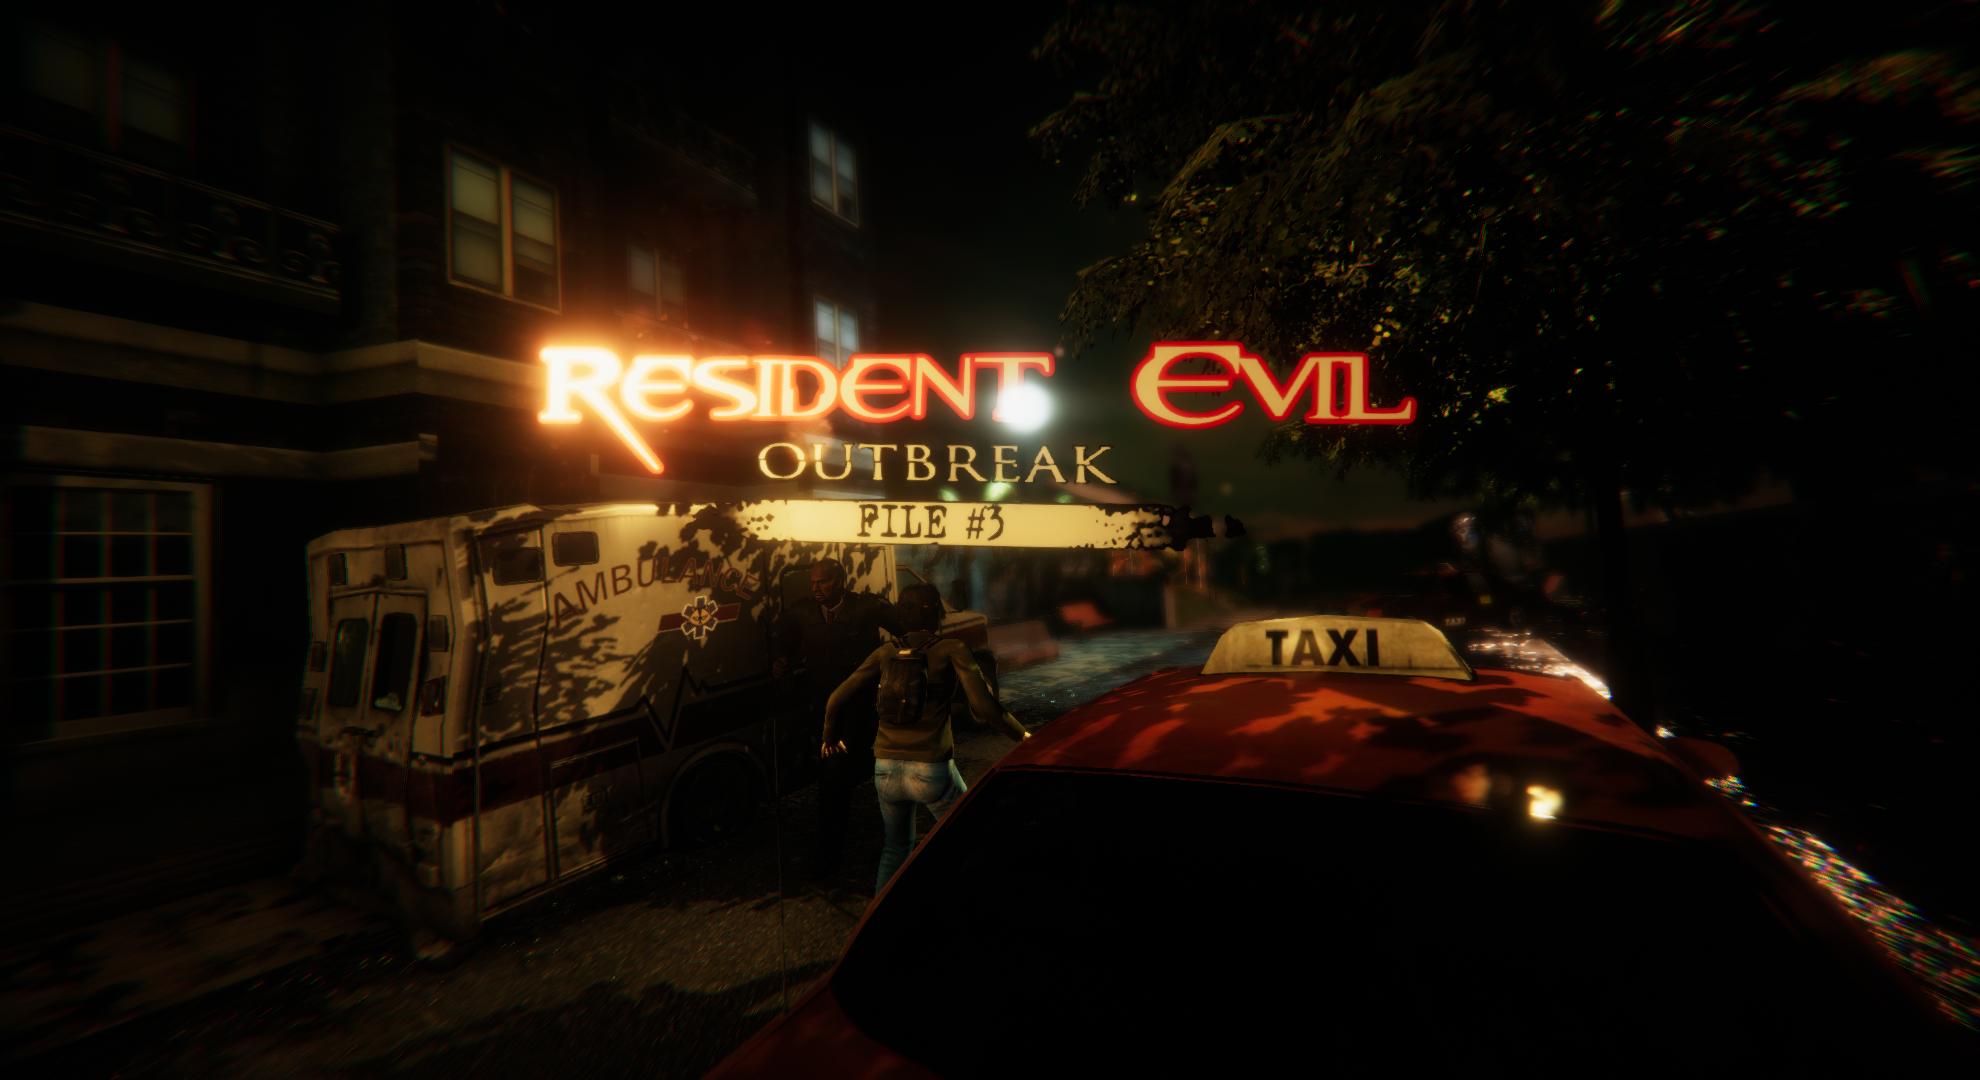 Resident Evil Outbreak Remake